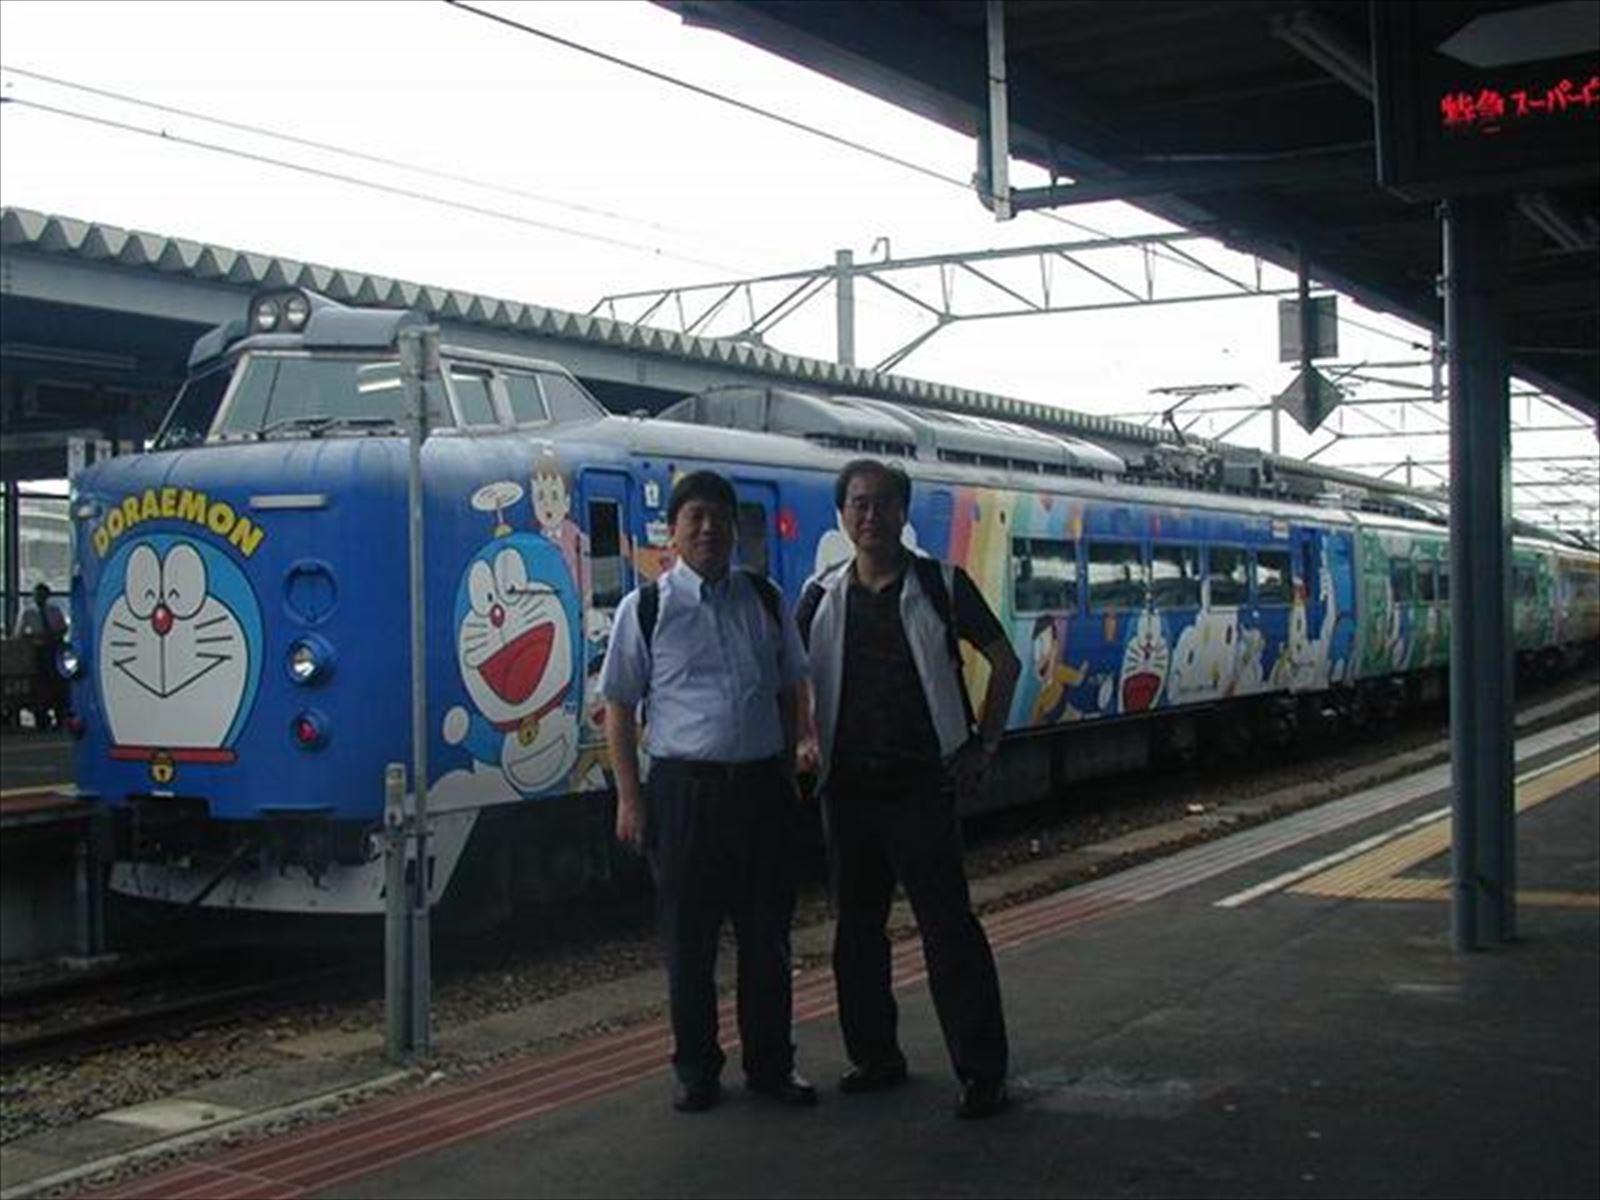 2006-07-17_07.46.54小倉 (小).JPG